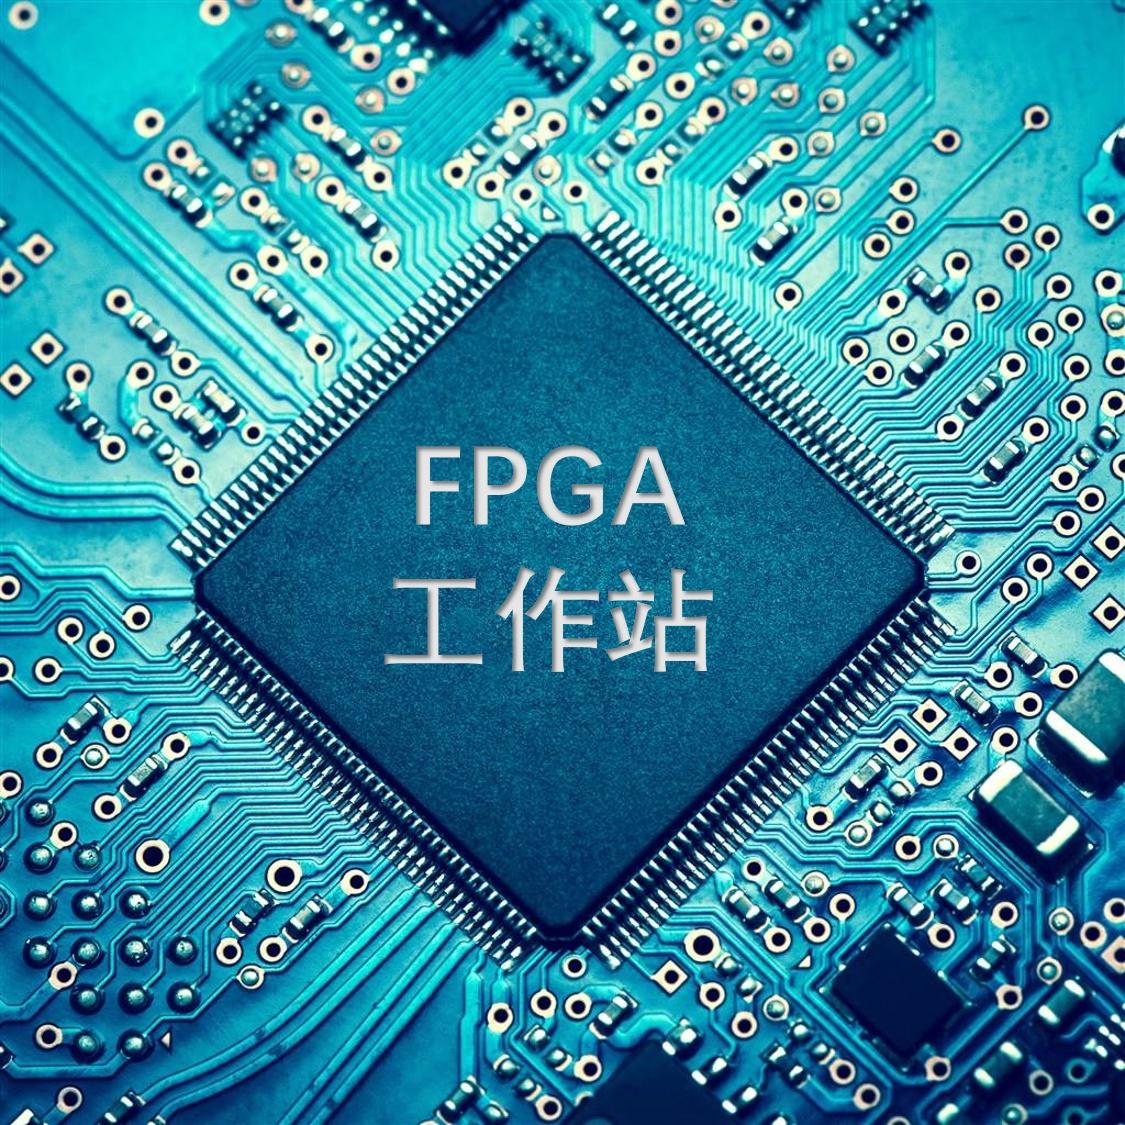 f4c05326975044f805da76e4d8f52b7b.png